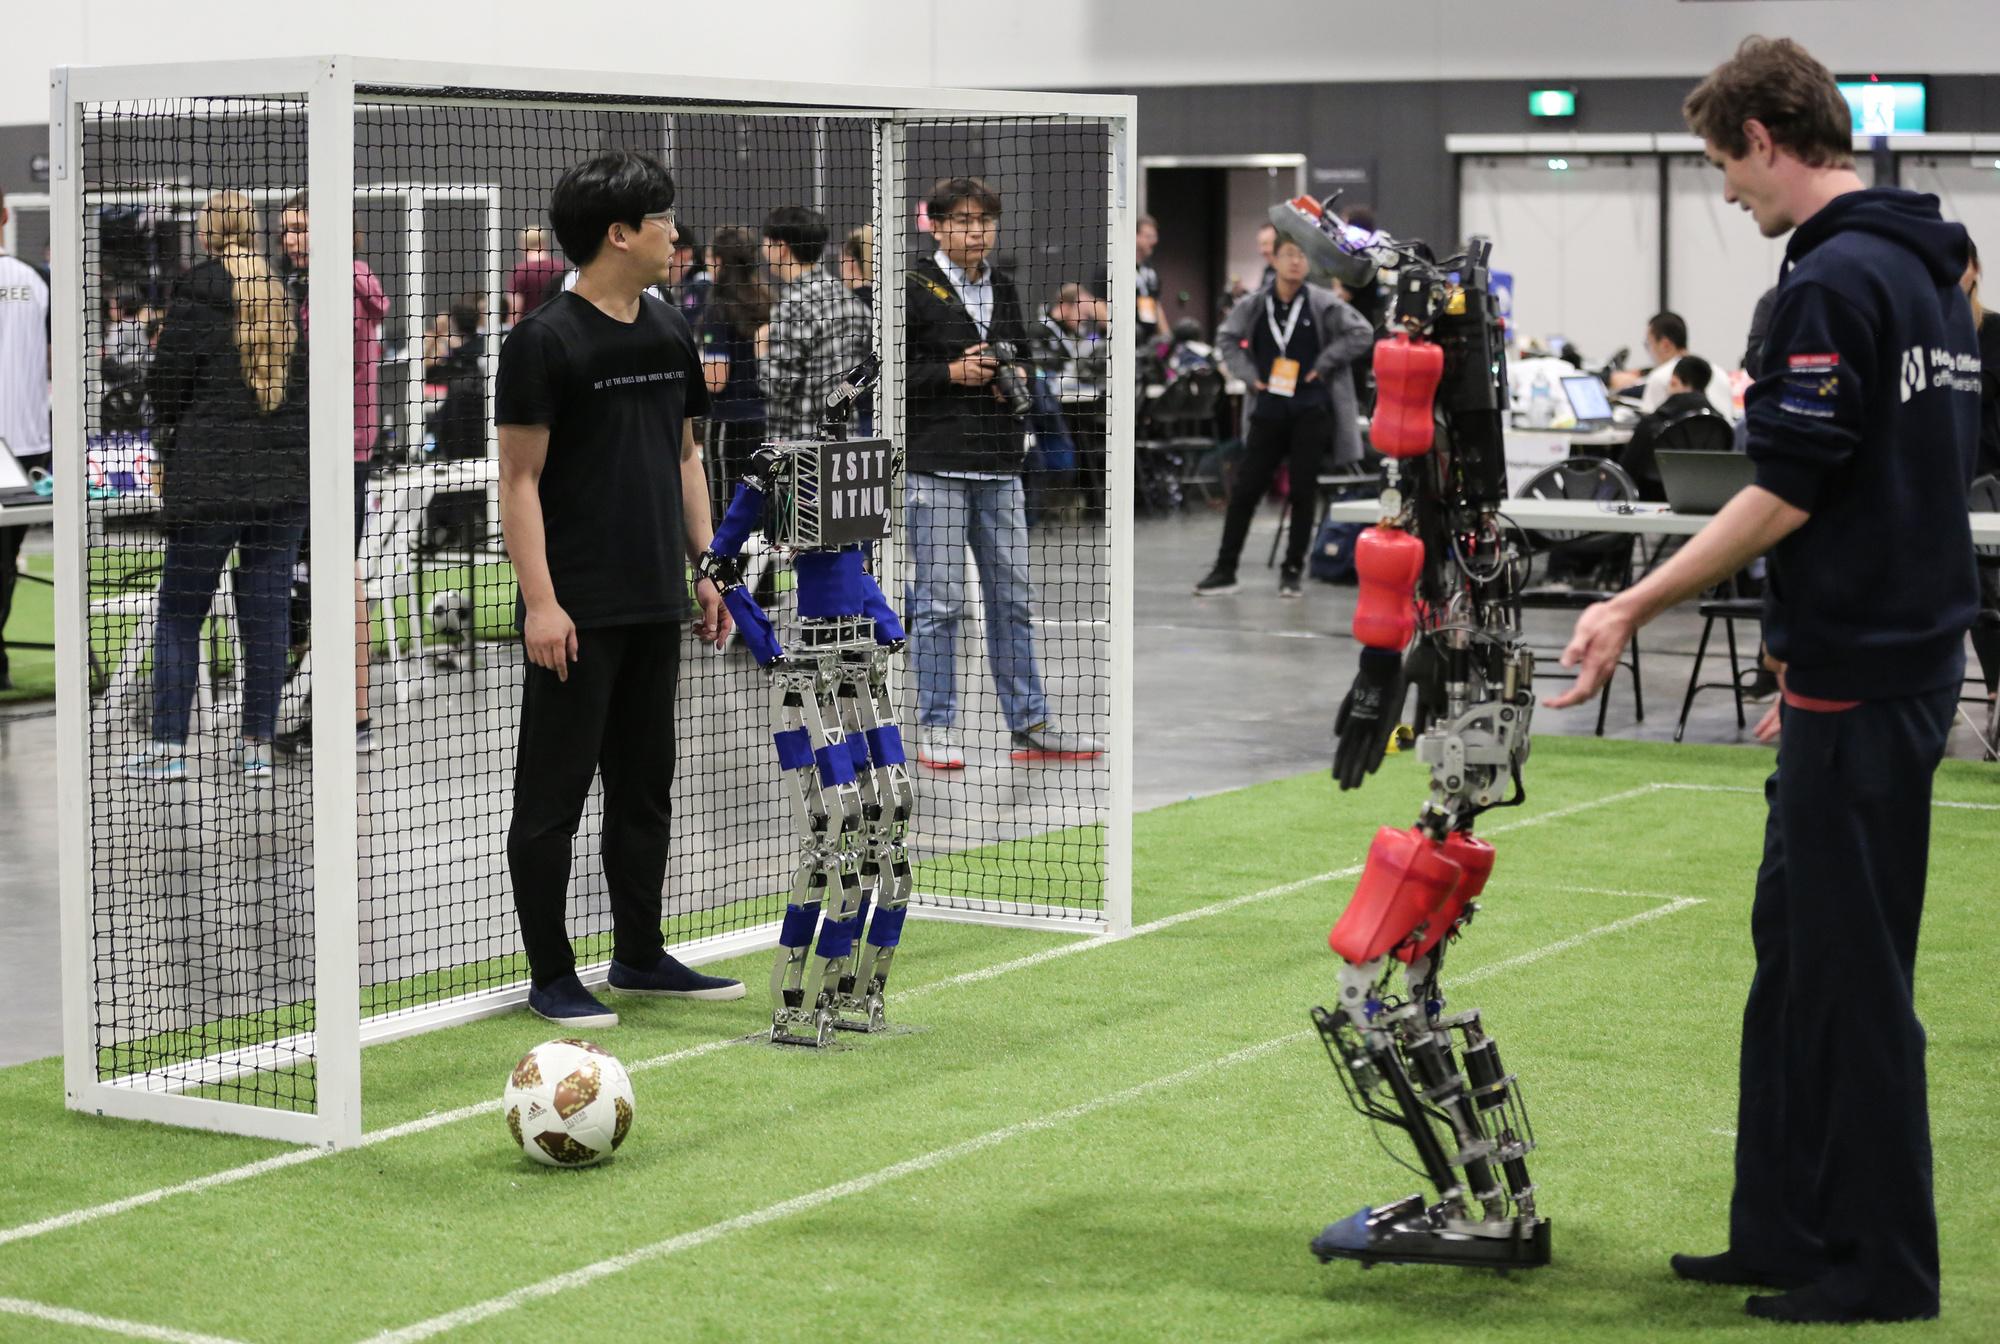 Humanoïde voetbalrobots op de RoboCup 2019, Belga